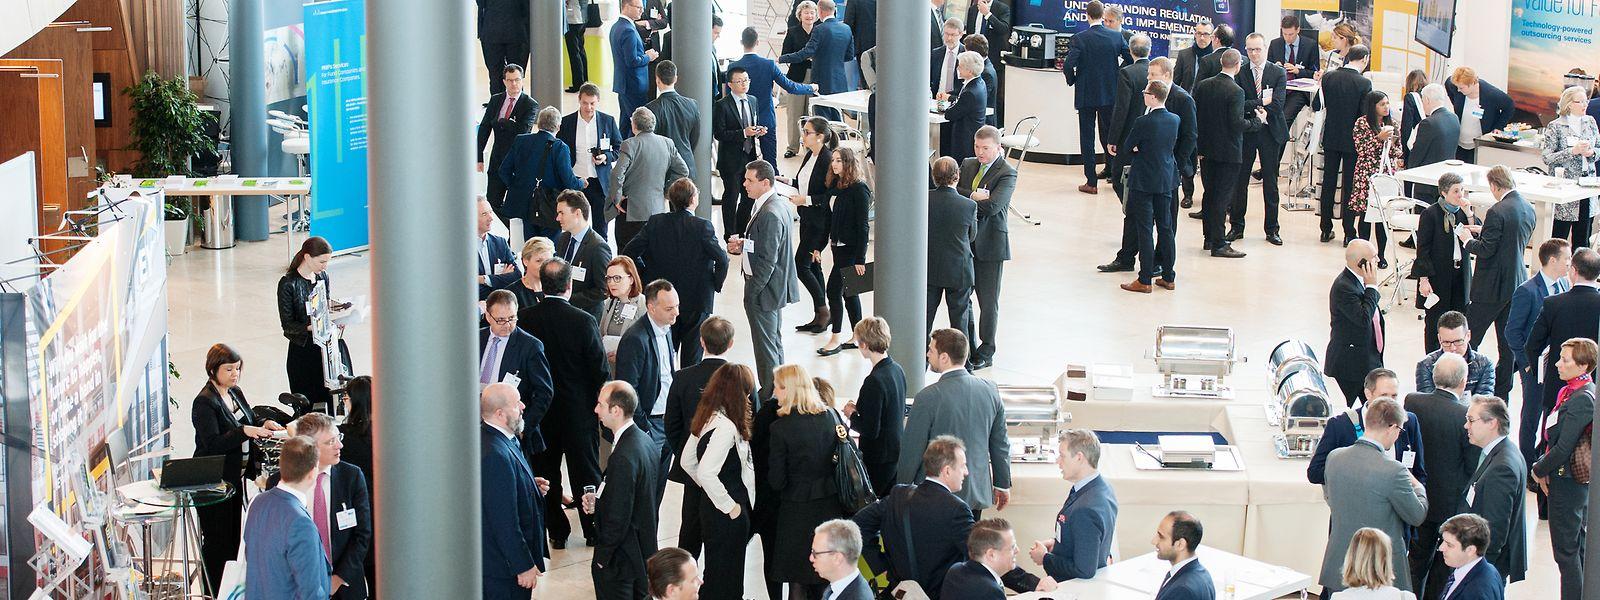 Au Luxembourg, le secteur de l'événementiel et congrès représentait un chiffre d'affaires de 62 millions d'euros en 2019.